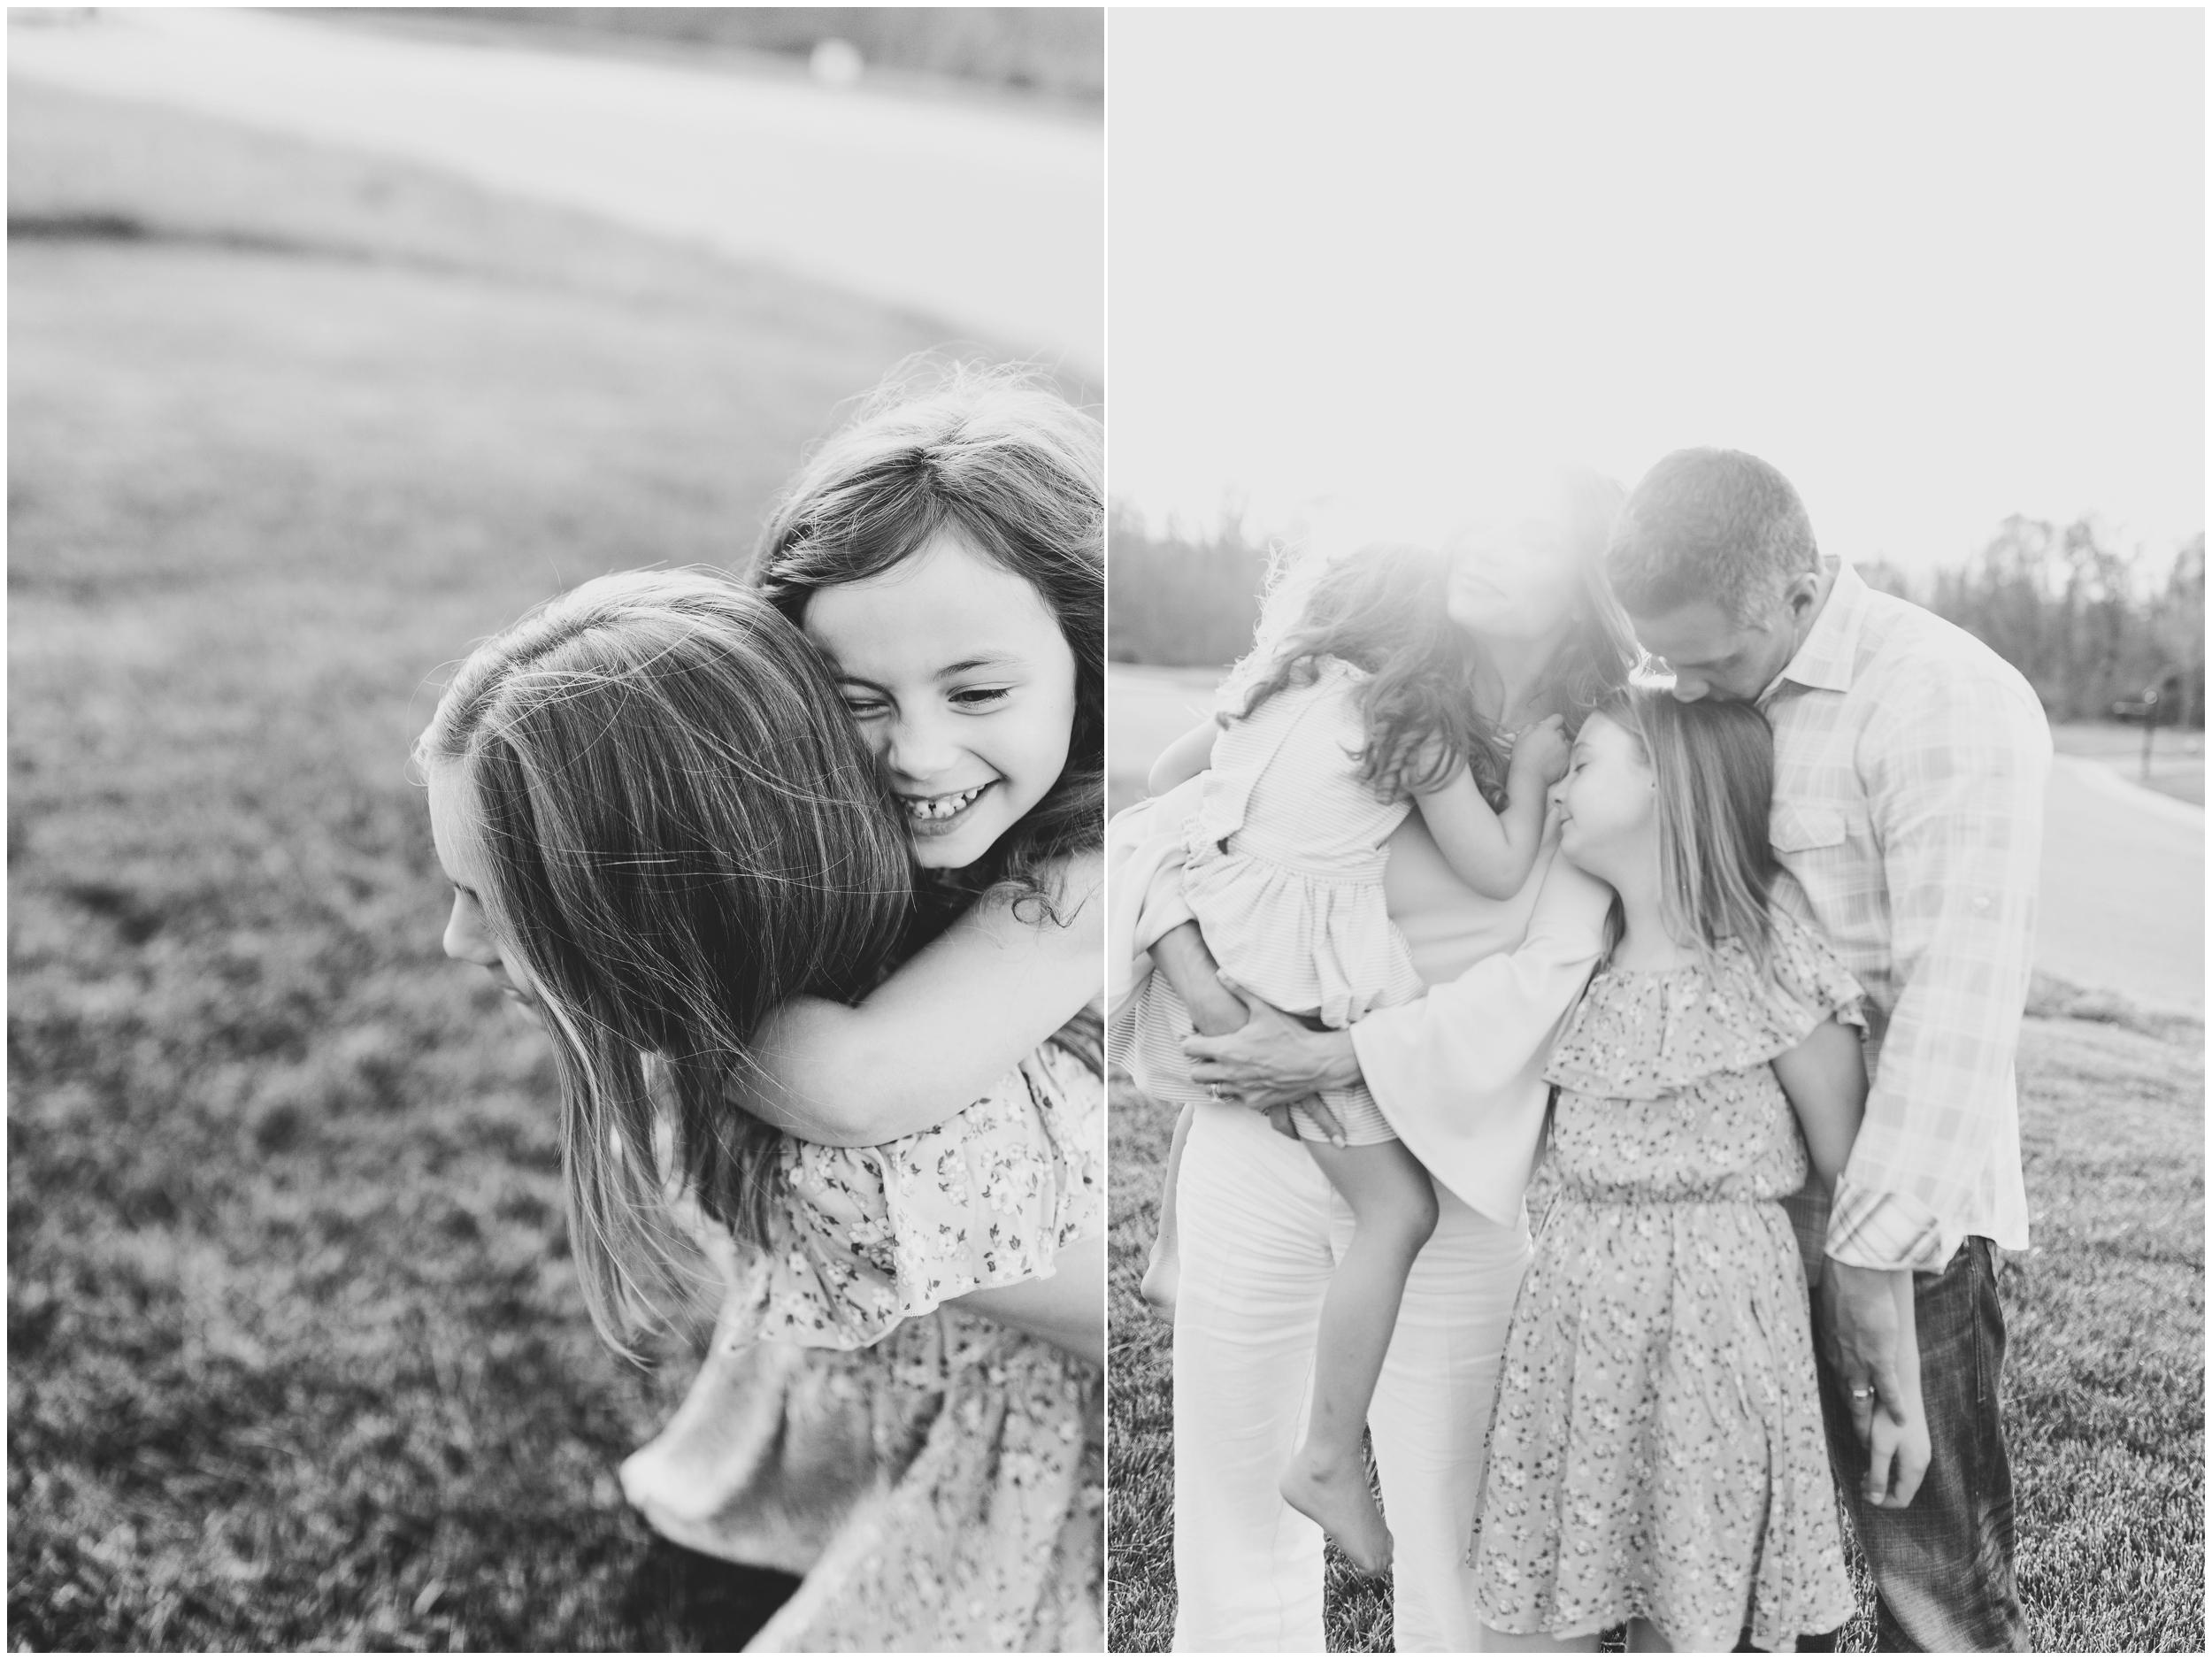 lexington-ky-family-lifestyle-photography-Priscilla-Baierlein-Photography_0275.jpg